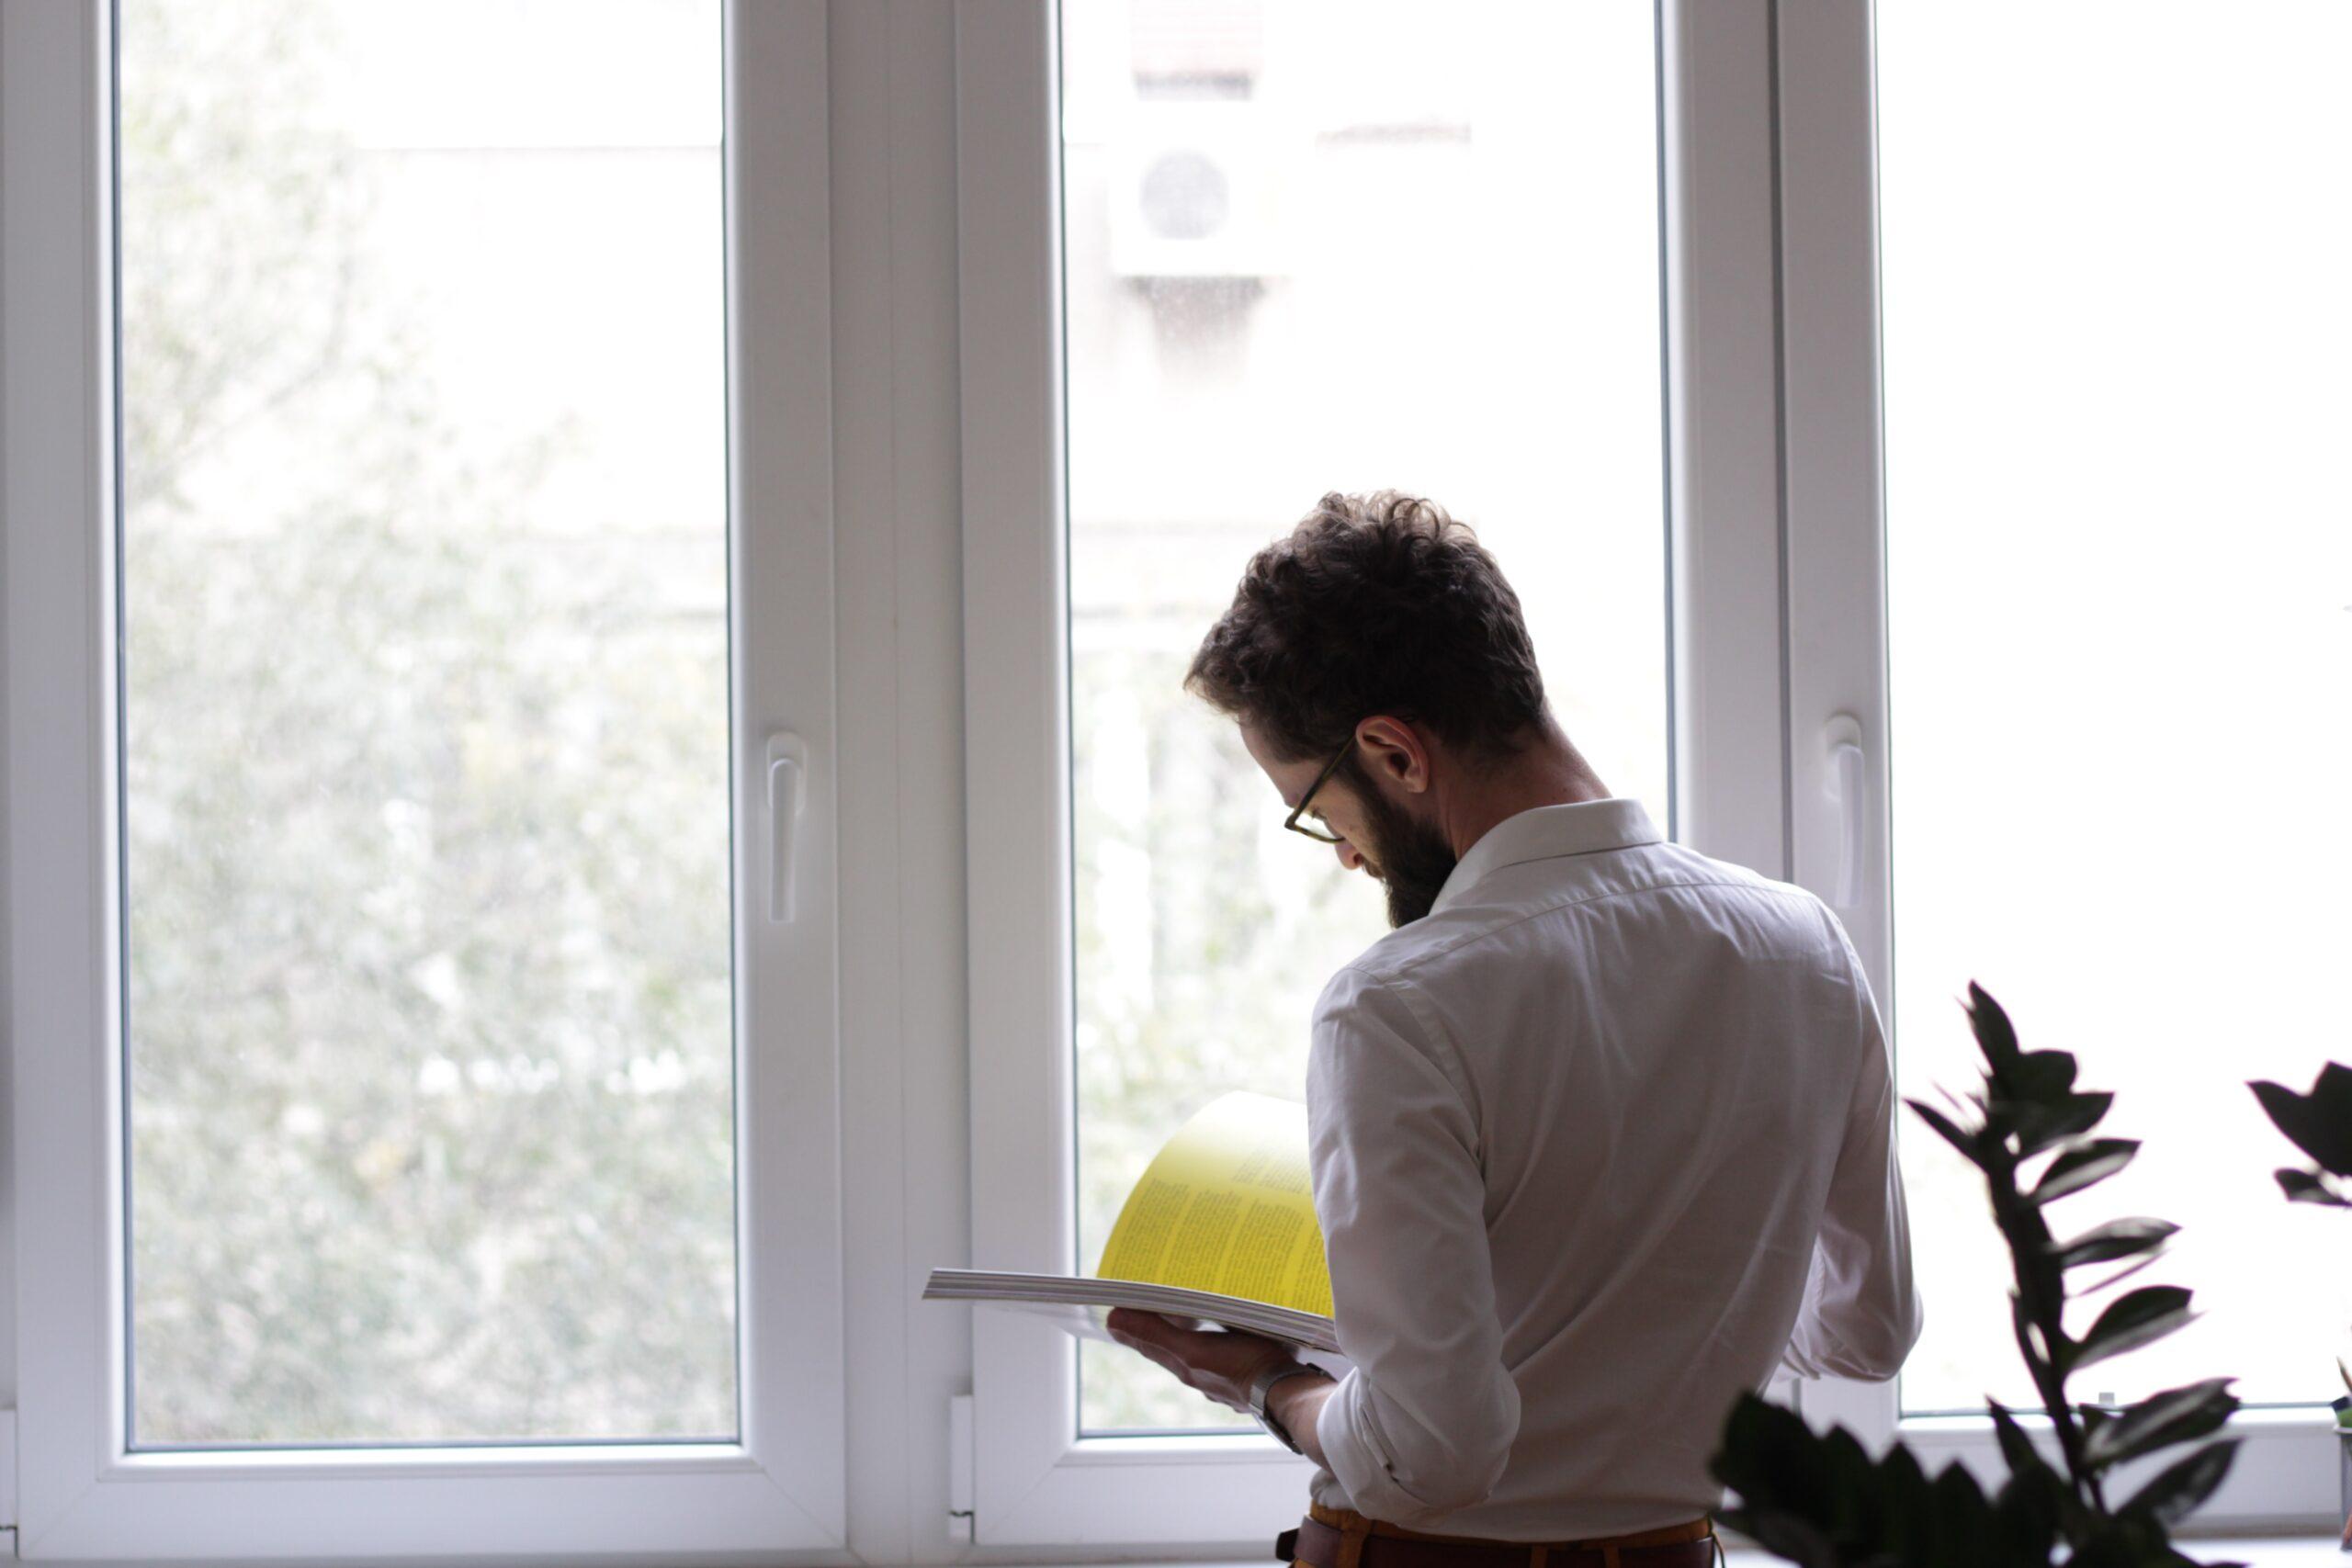 職業訓練おすすめコースで資格取得も考えている男性